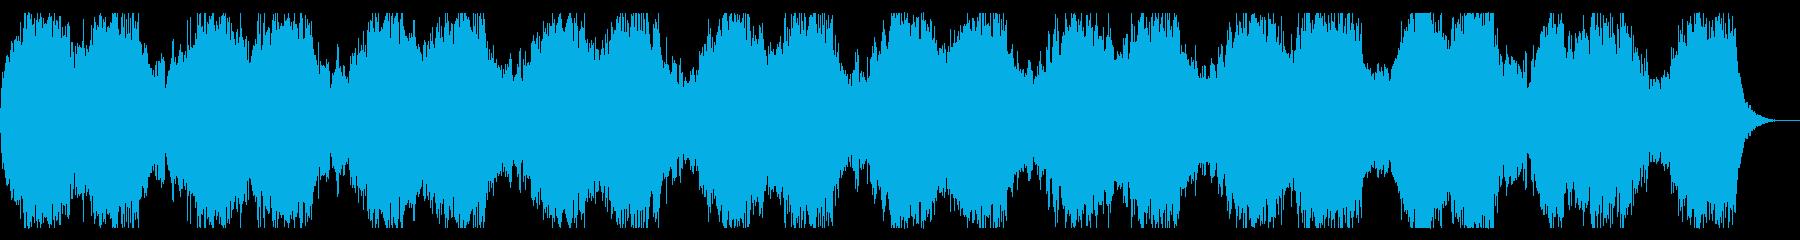 淡々としたダークな背景、緊迫感あるBGMの再生済みの波形